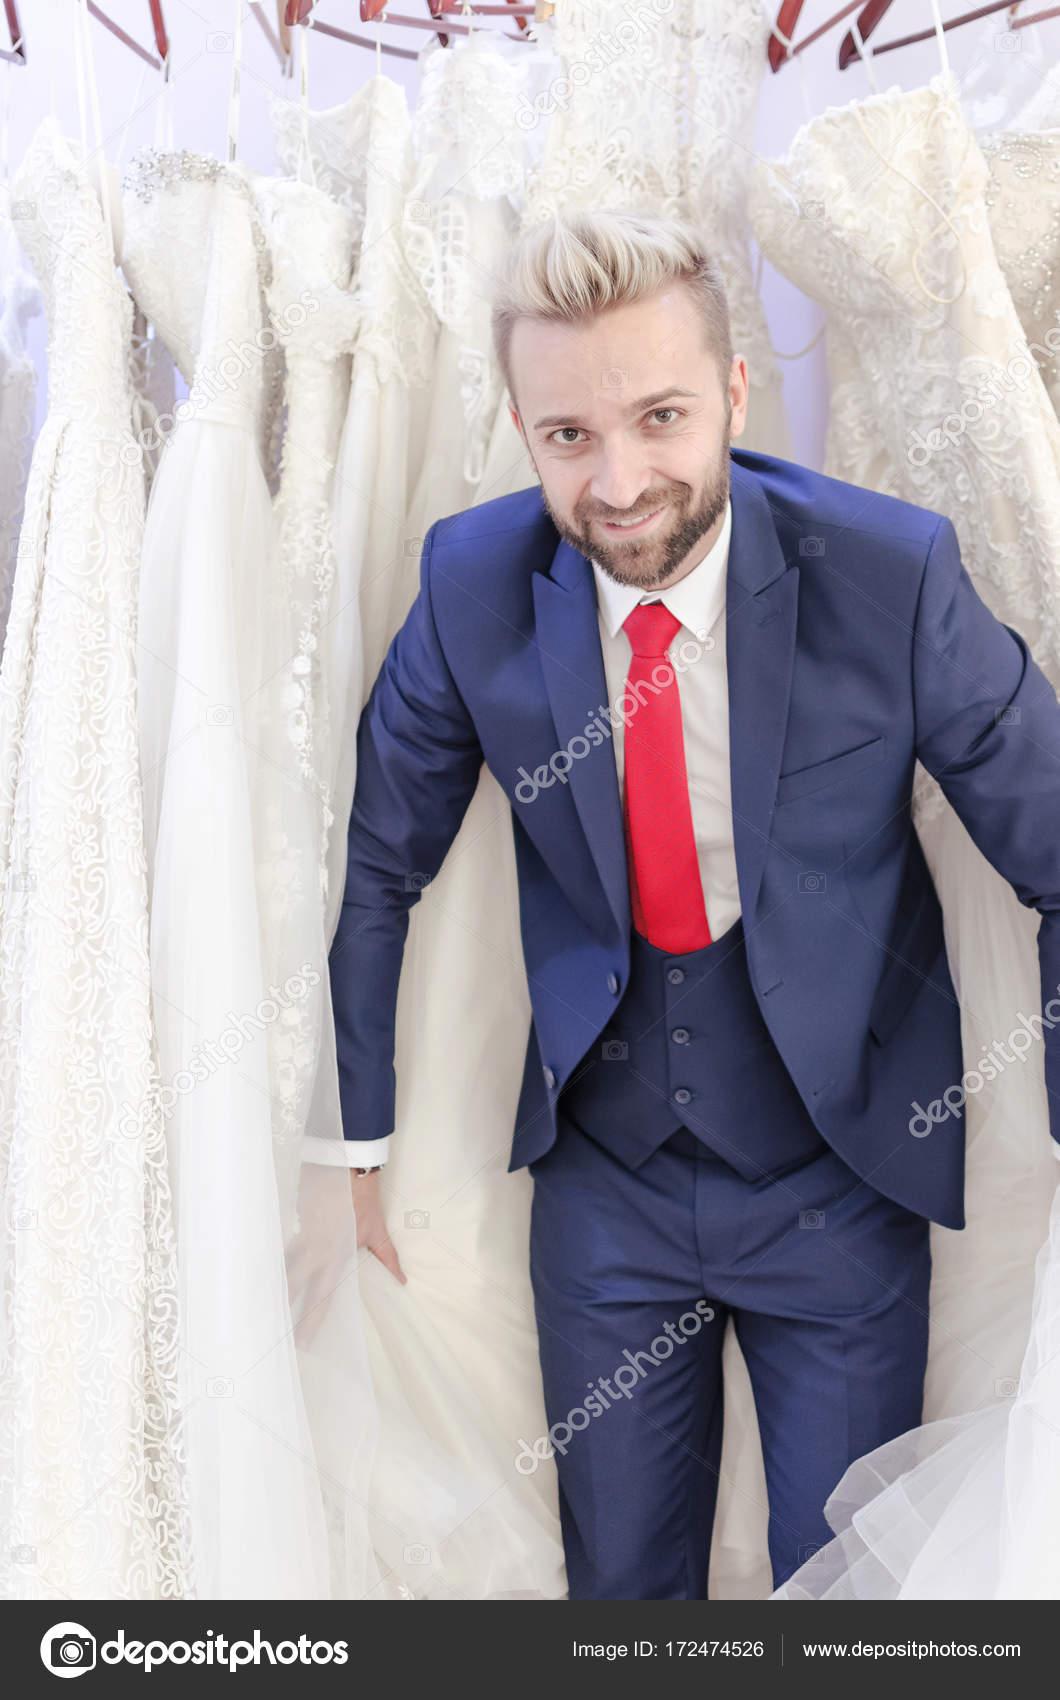 c429ad8ac Hombre elegir Vestido de boda para mujer — Foto de stock ...